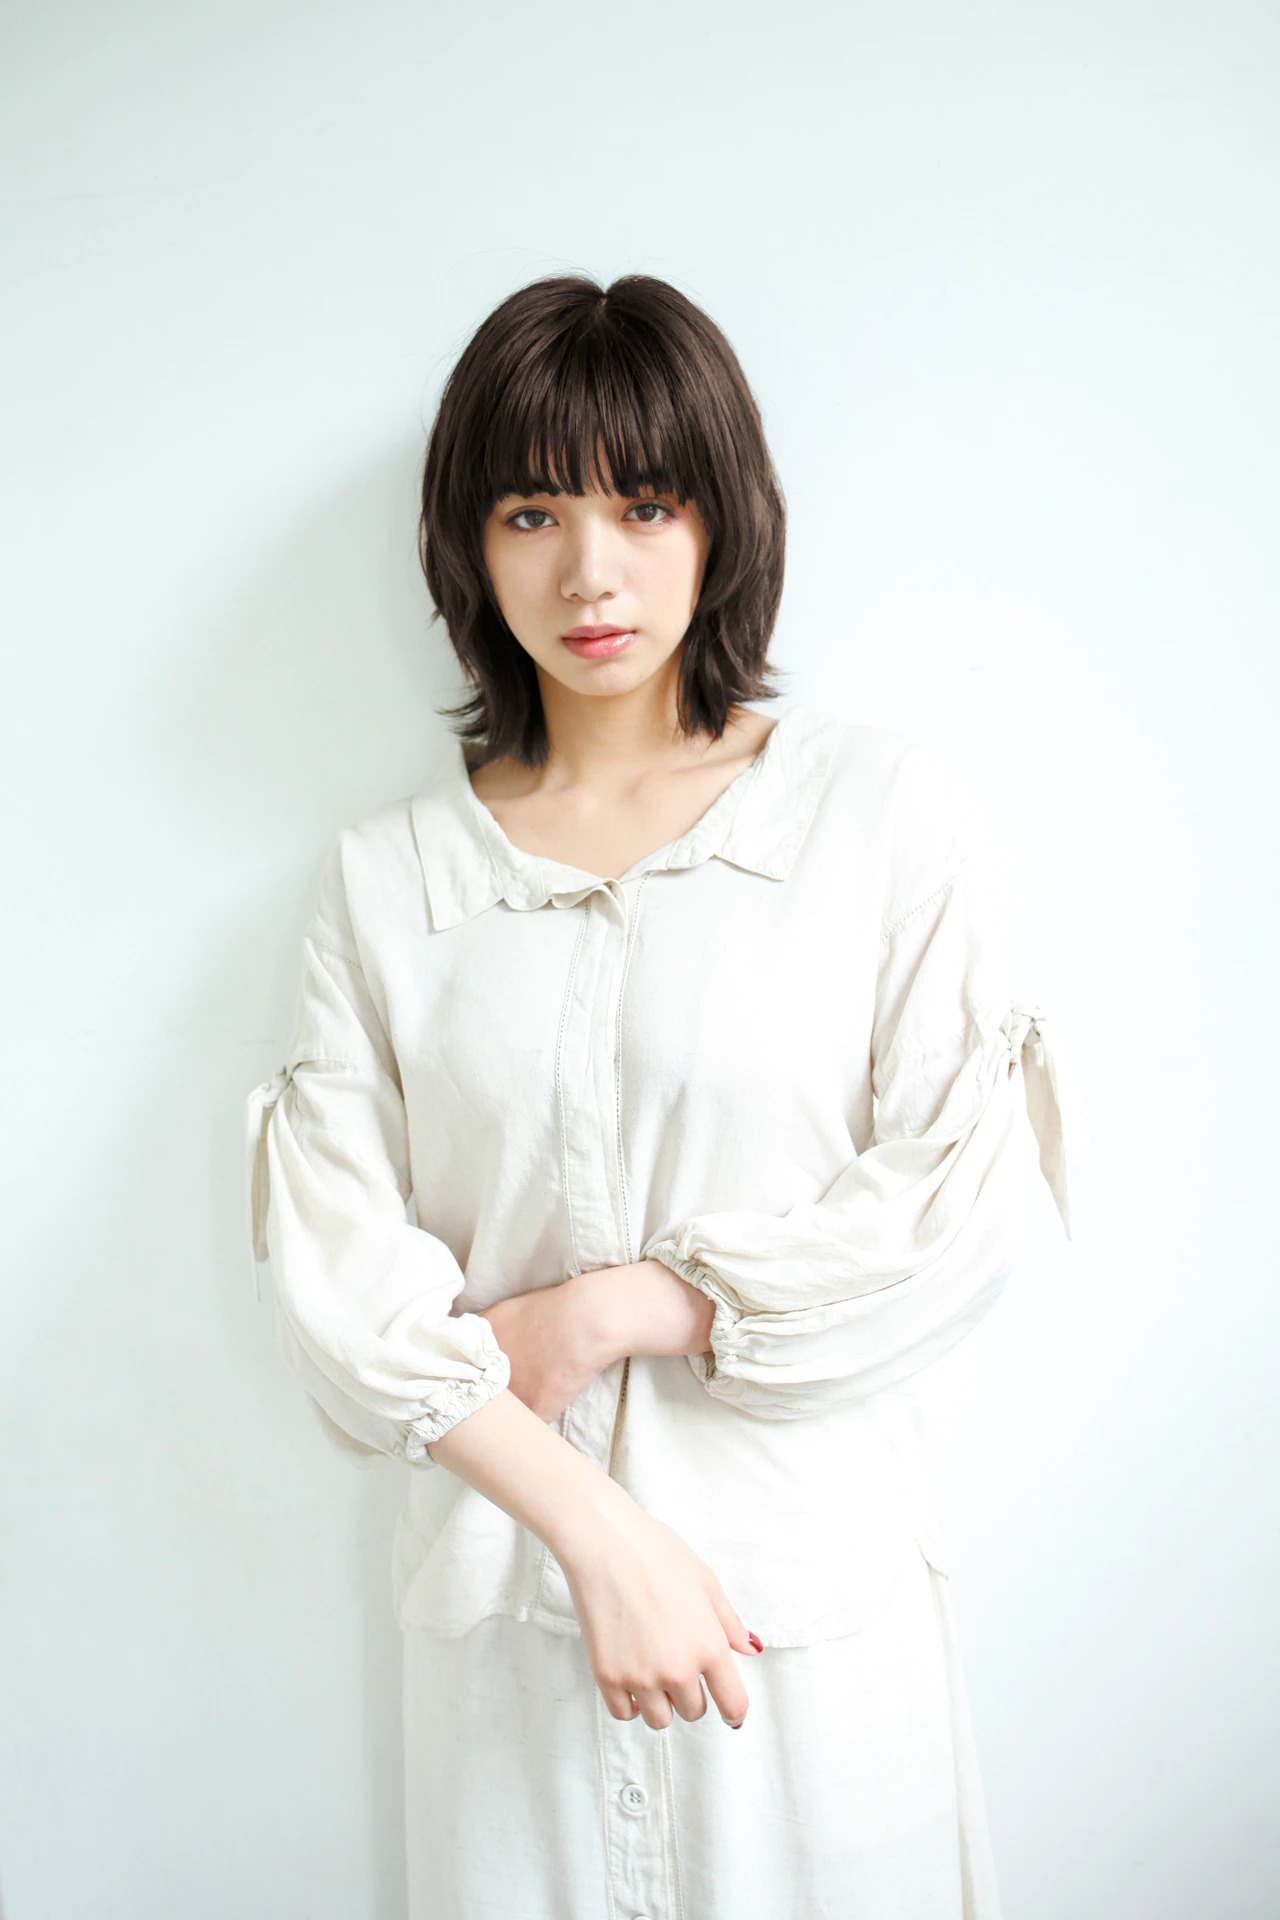 Komi-san wa, Komyushou